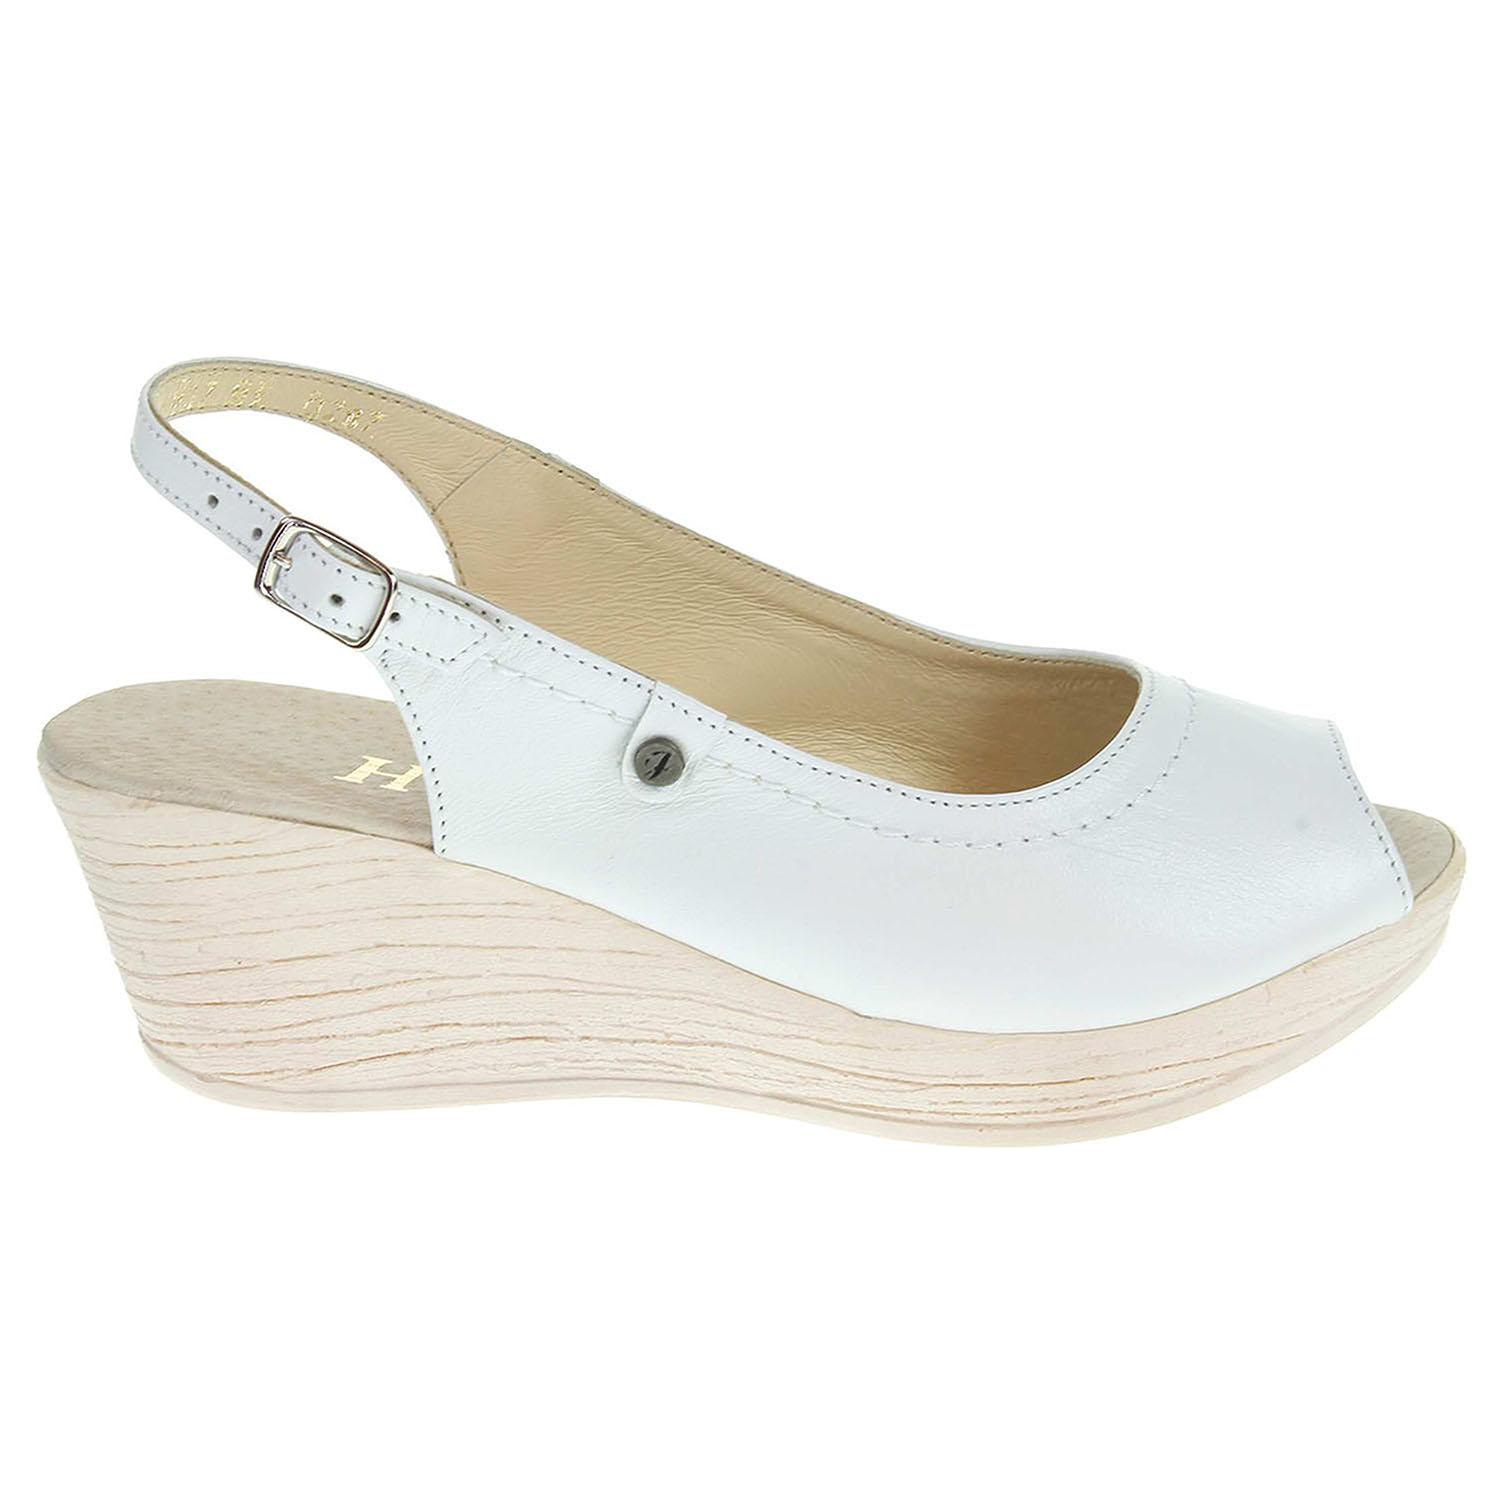 Dámské sandály J3497 bílé 41